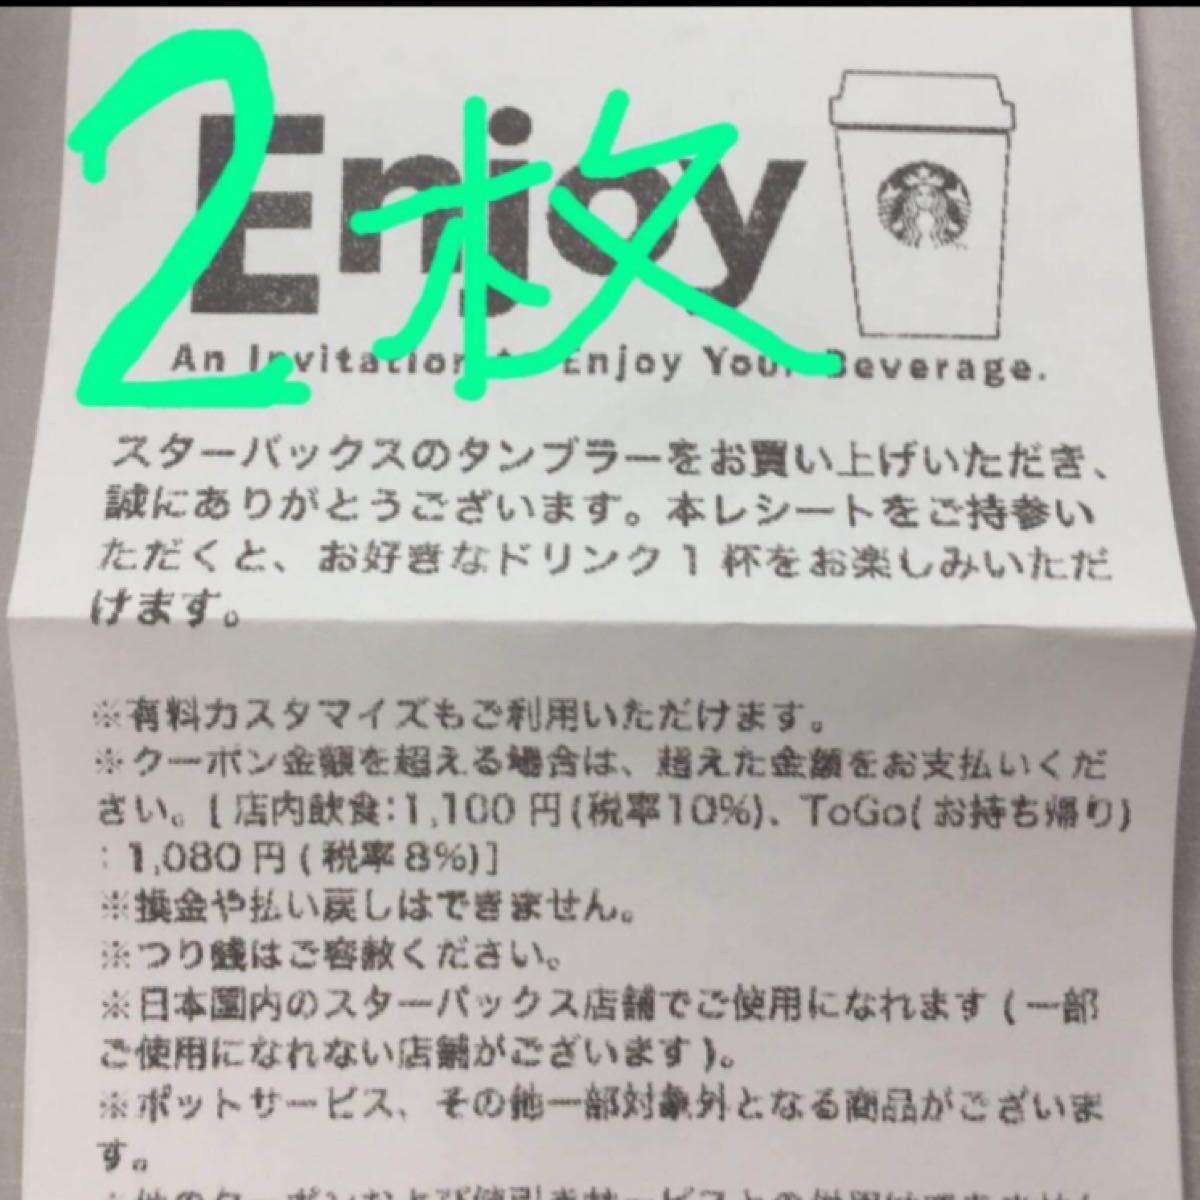 スターバックス ドリンクチケット2枚 無料券 コーヒー 紅茶 カスタマイズ含めて1000円までのドリンクが頼めます。5月16日まで